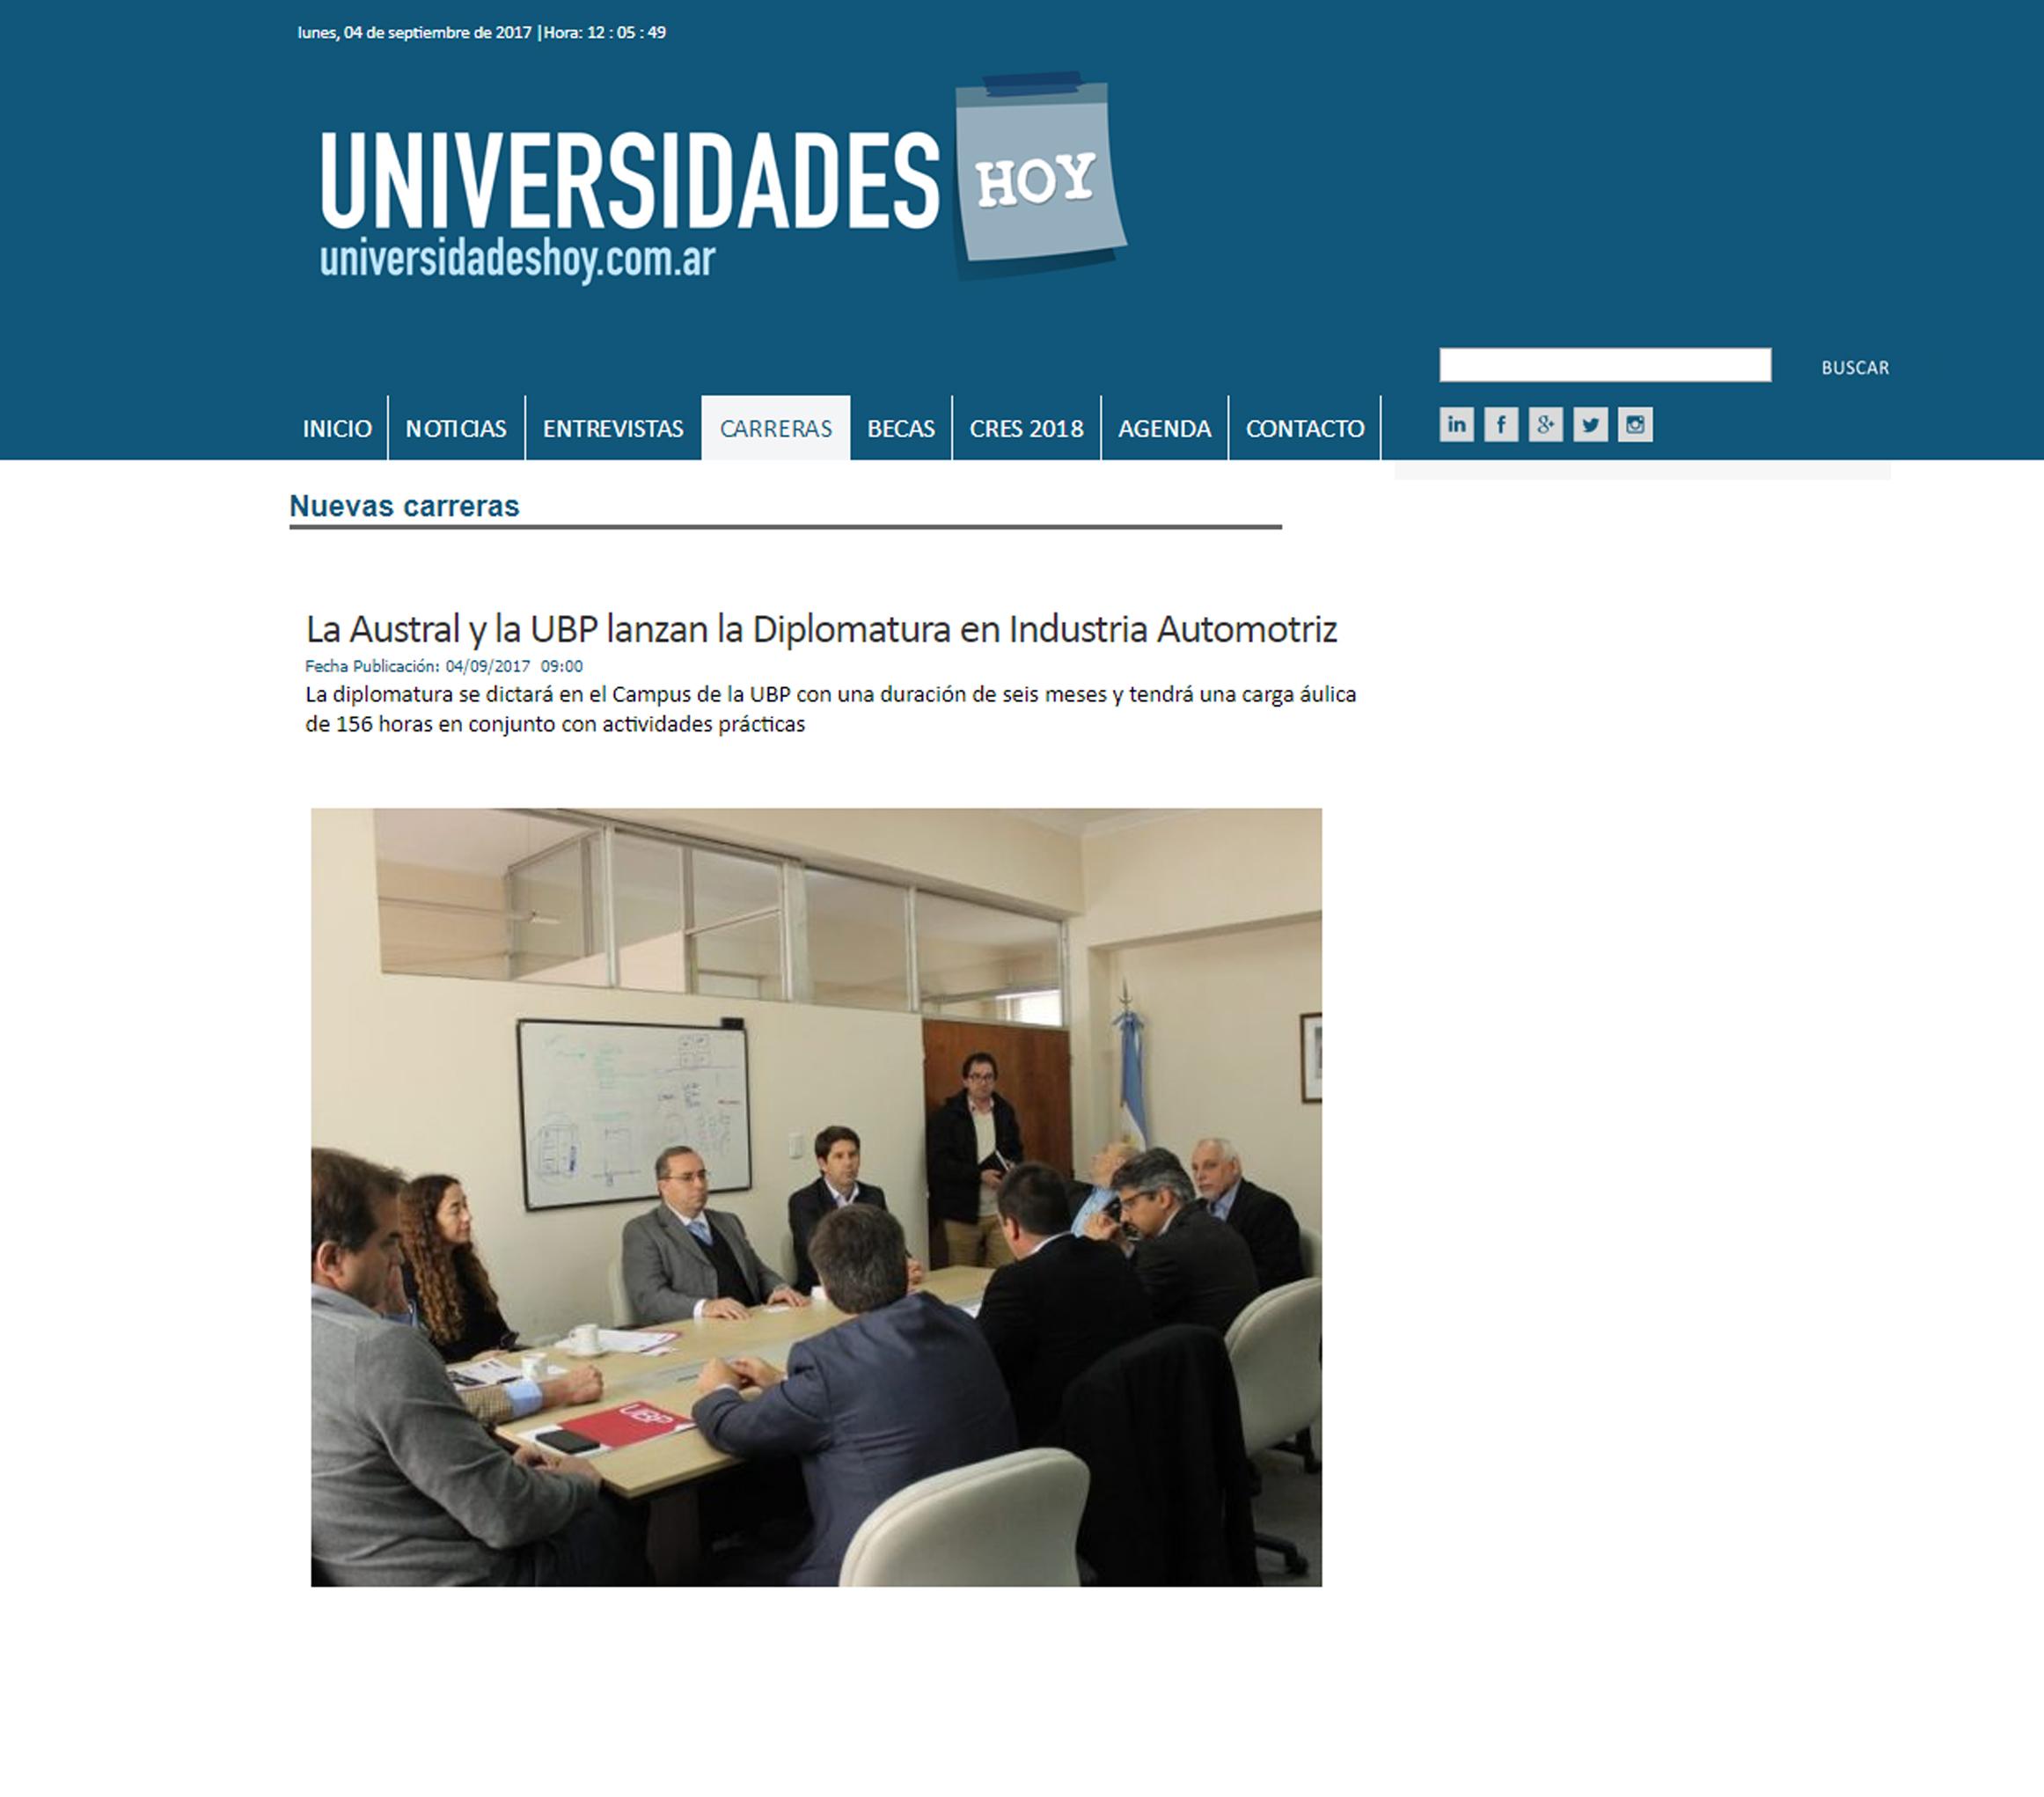 """04/09/2017 """"La Austral y la UBP lanzan la Diplomatura en Industria Automotriz"""""""